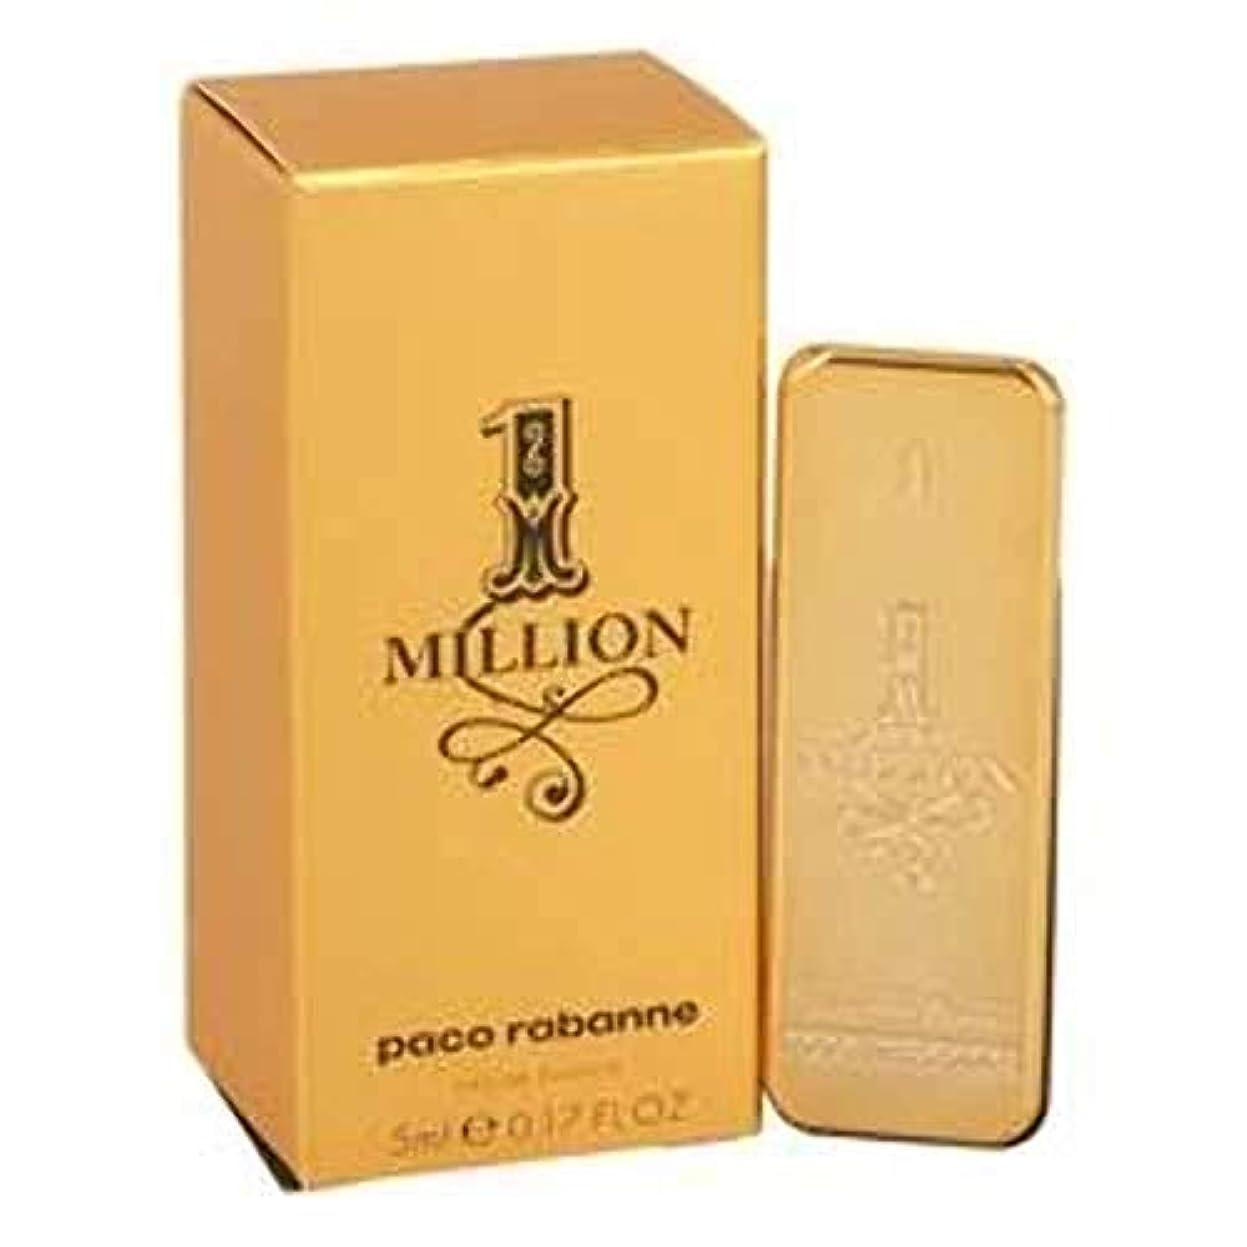 視力謝るコンサルタントパコラバンヌ ワンミリオン EDT 5ml ミニ香水(並行輸入品)